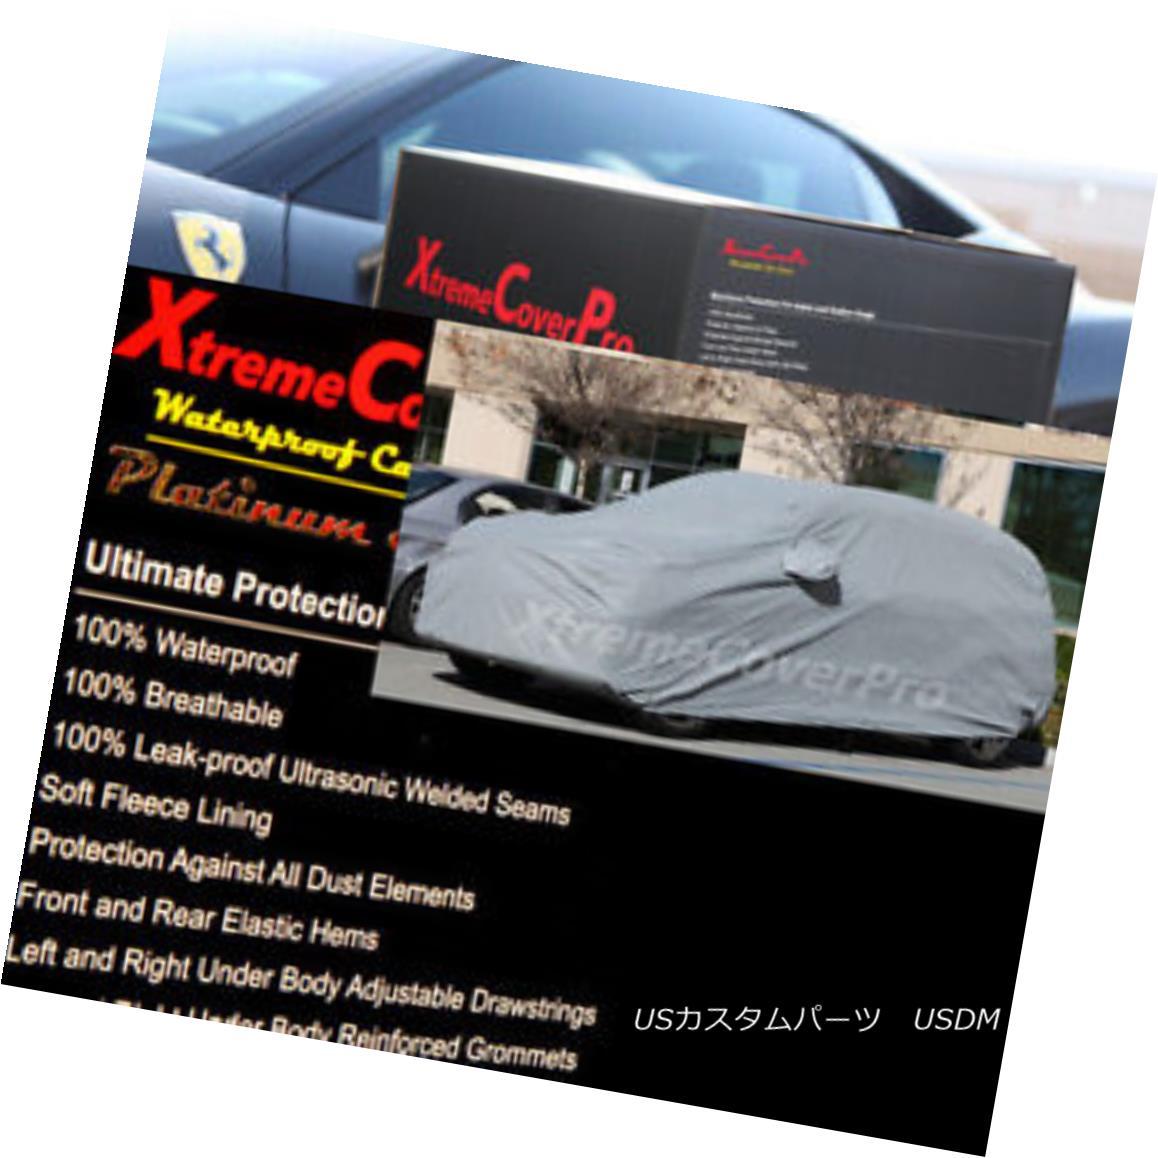 カーカバー WATERPROOF CAR COVER W/MIRROR POCKET FOR 2014 2013 2012 2011 NISSAN PATHFINDER 2014年の防水カーカバー付き/ミラーポケット2013年2012年2011日産パスファインダー